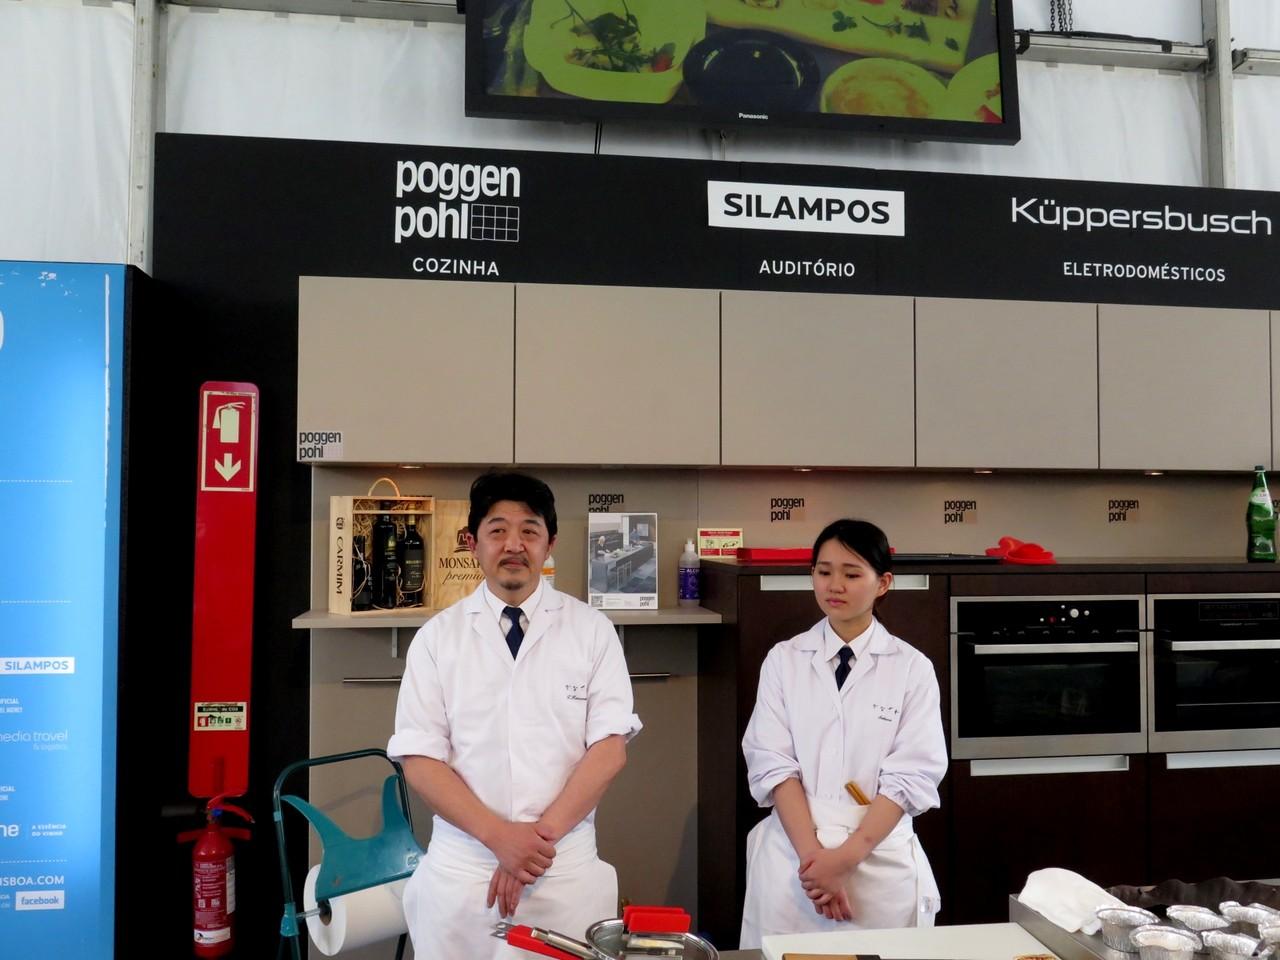 Dois dos três elementos do KANAZAWA – Kayo Kanazawa, mulher de Tomoaki e chef pasteleira, estava na assistência